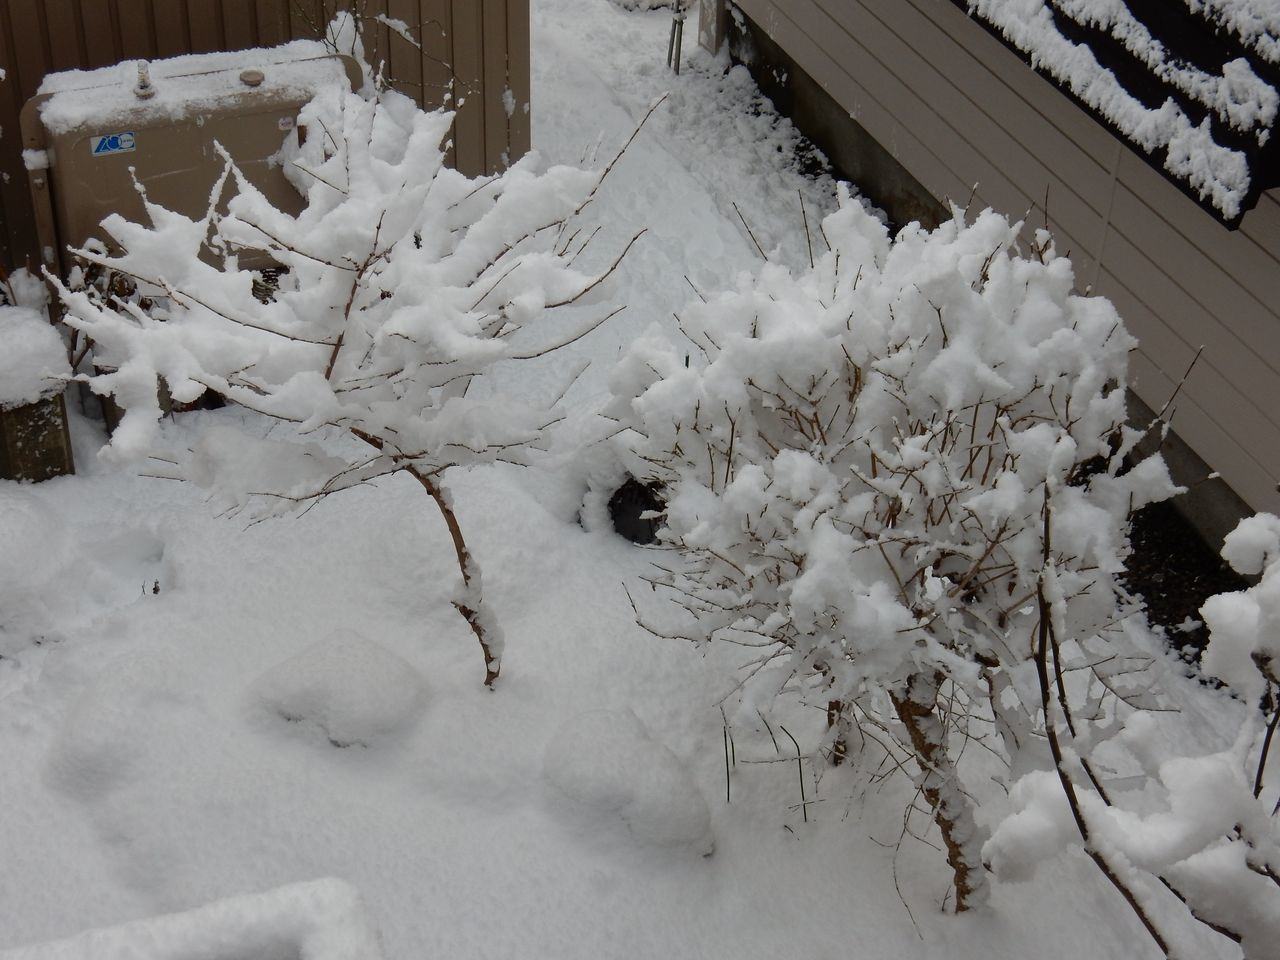 降雪ほどには積もらない_c0025115_16503816.jpg